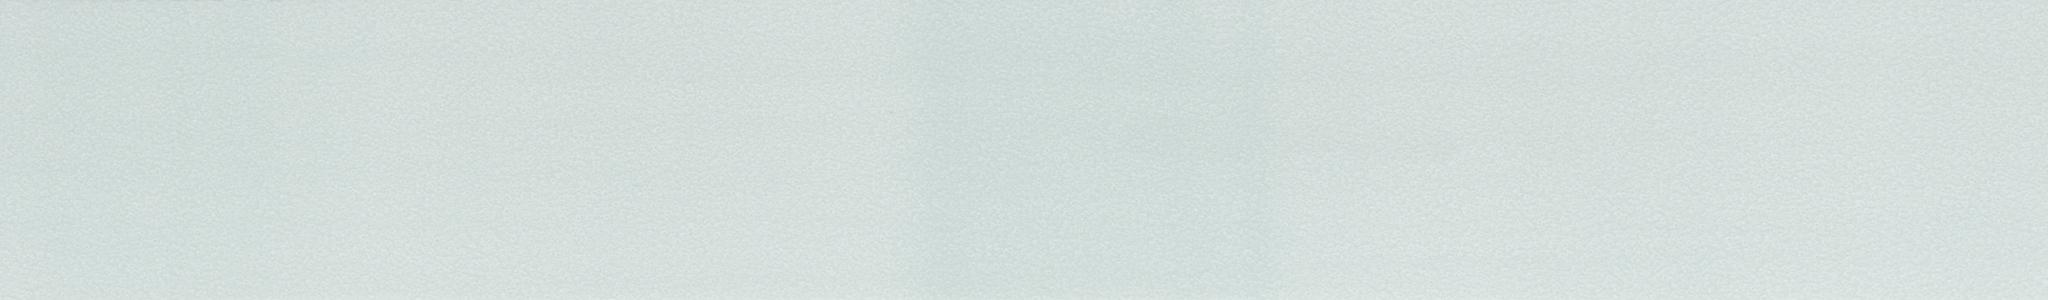 HD 299932 ABS Edge Window Smooth Gloss 90°